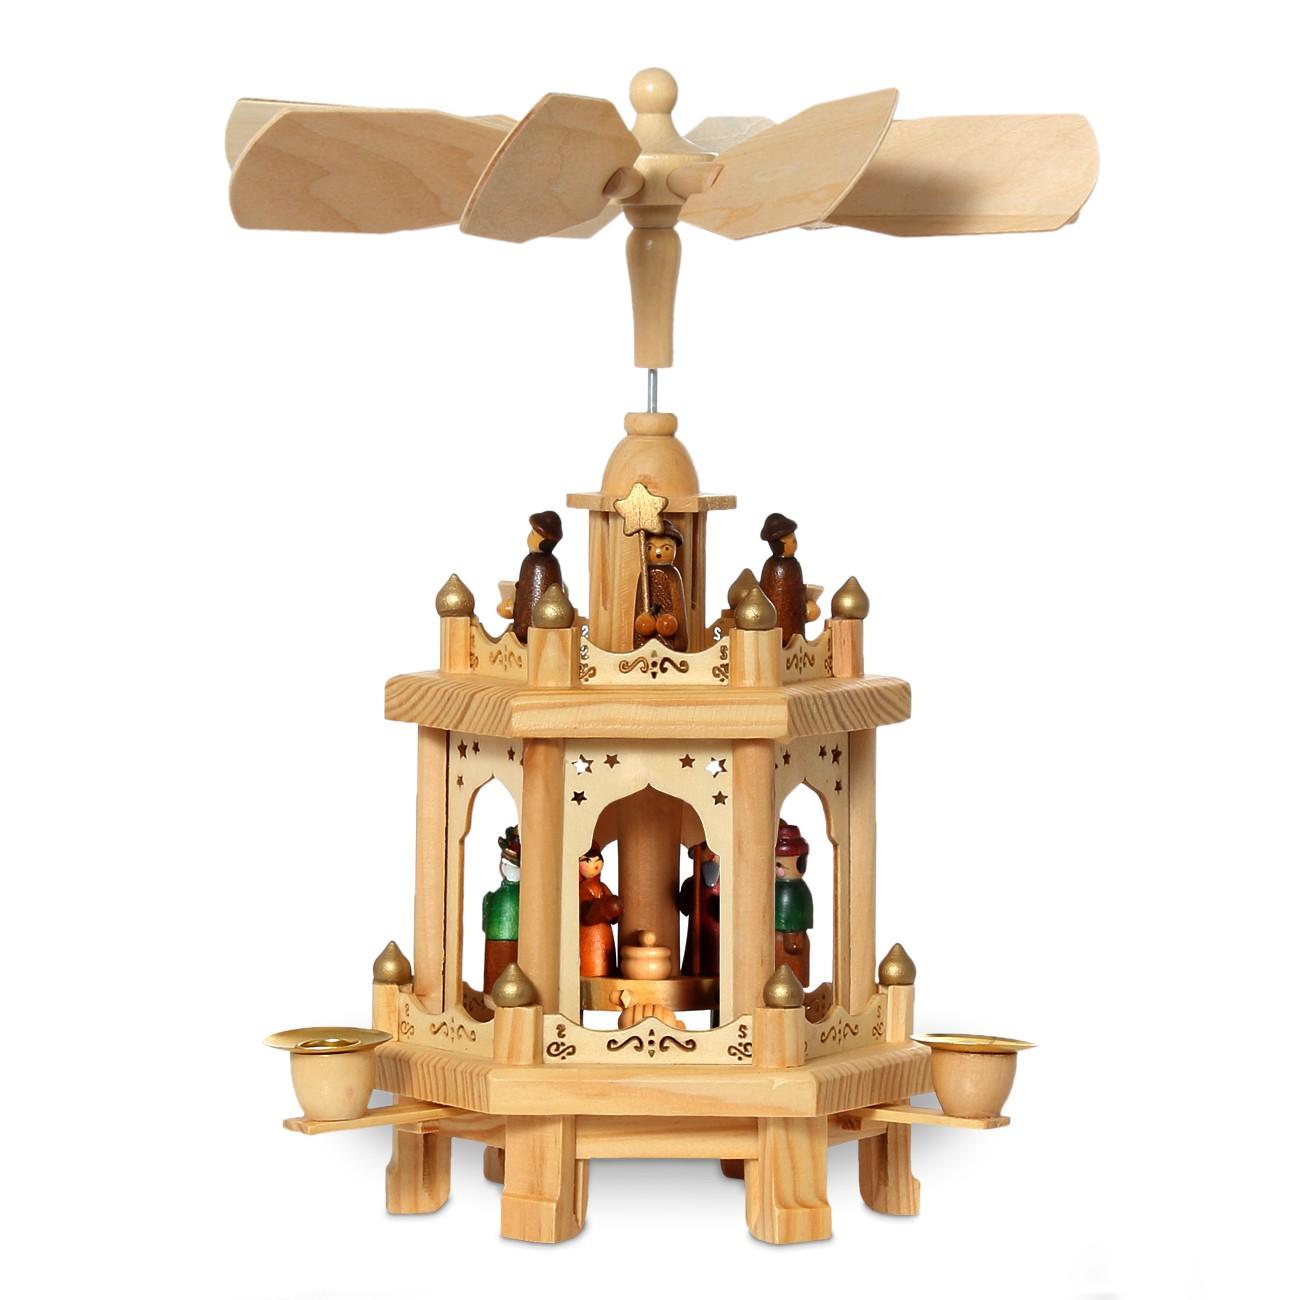 sikora klassische weihnachtspyramide aus holz mit 2 etagen f r wachskerzen h h. Black Bedroom Furniture Sets. Home Design Ideas